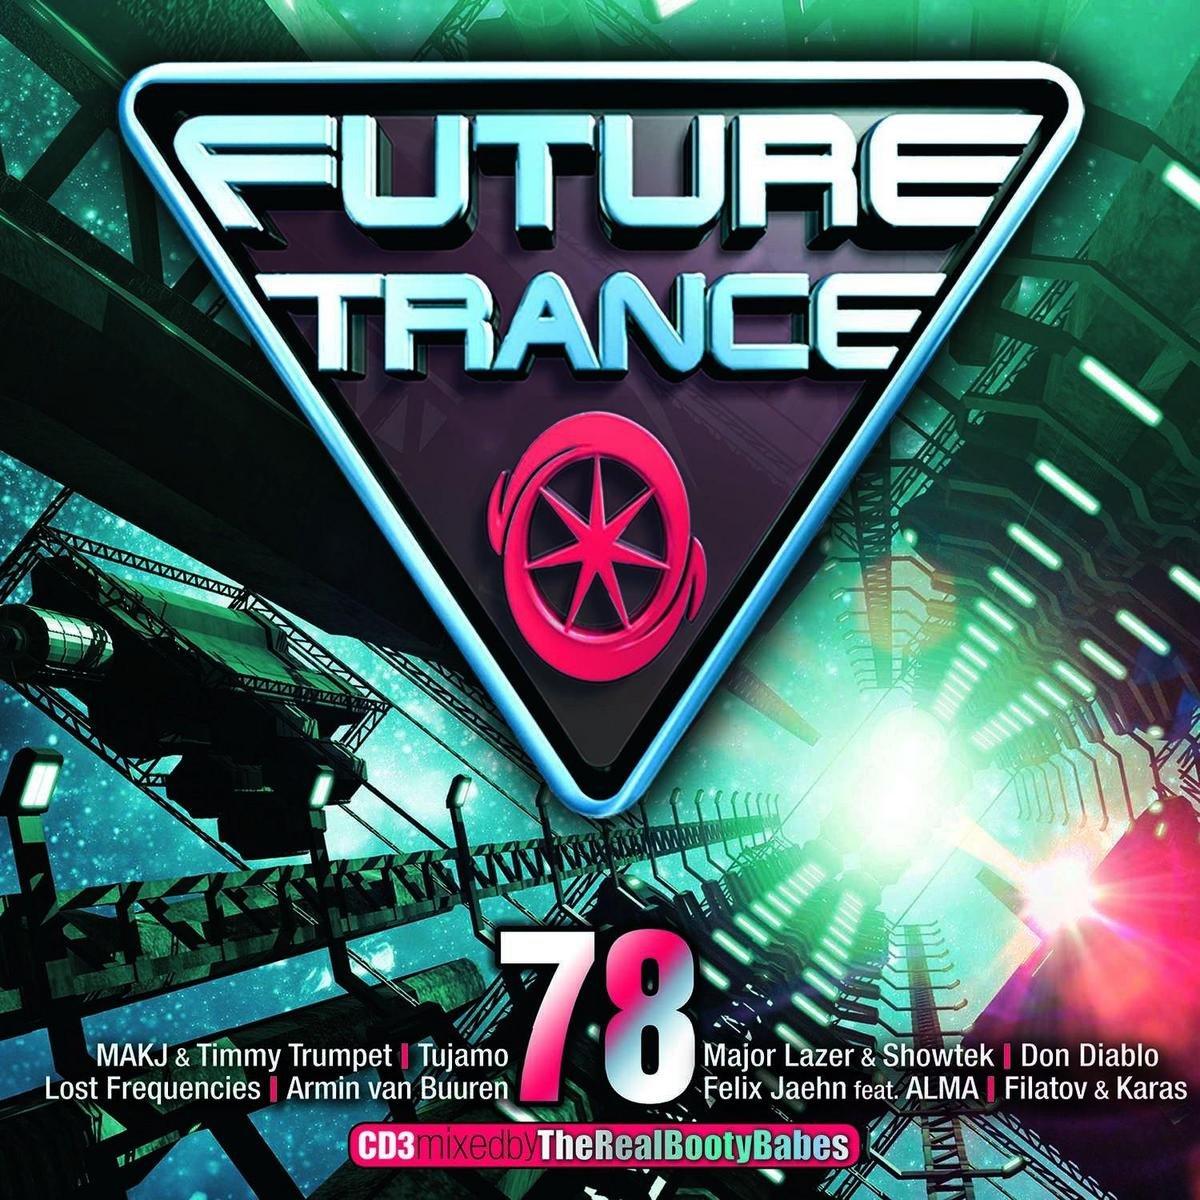 binäre option 888 future trance 85 erscheinungsdatum